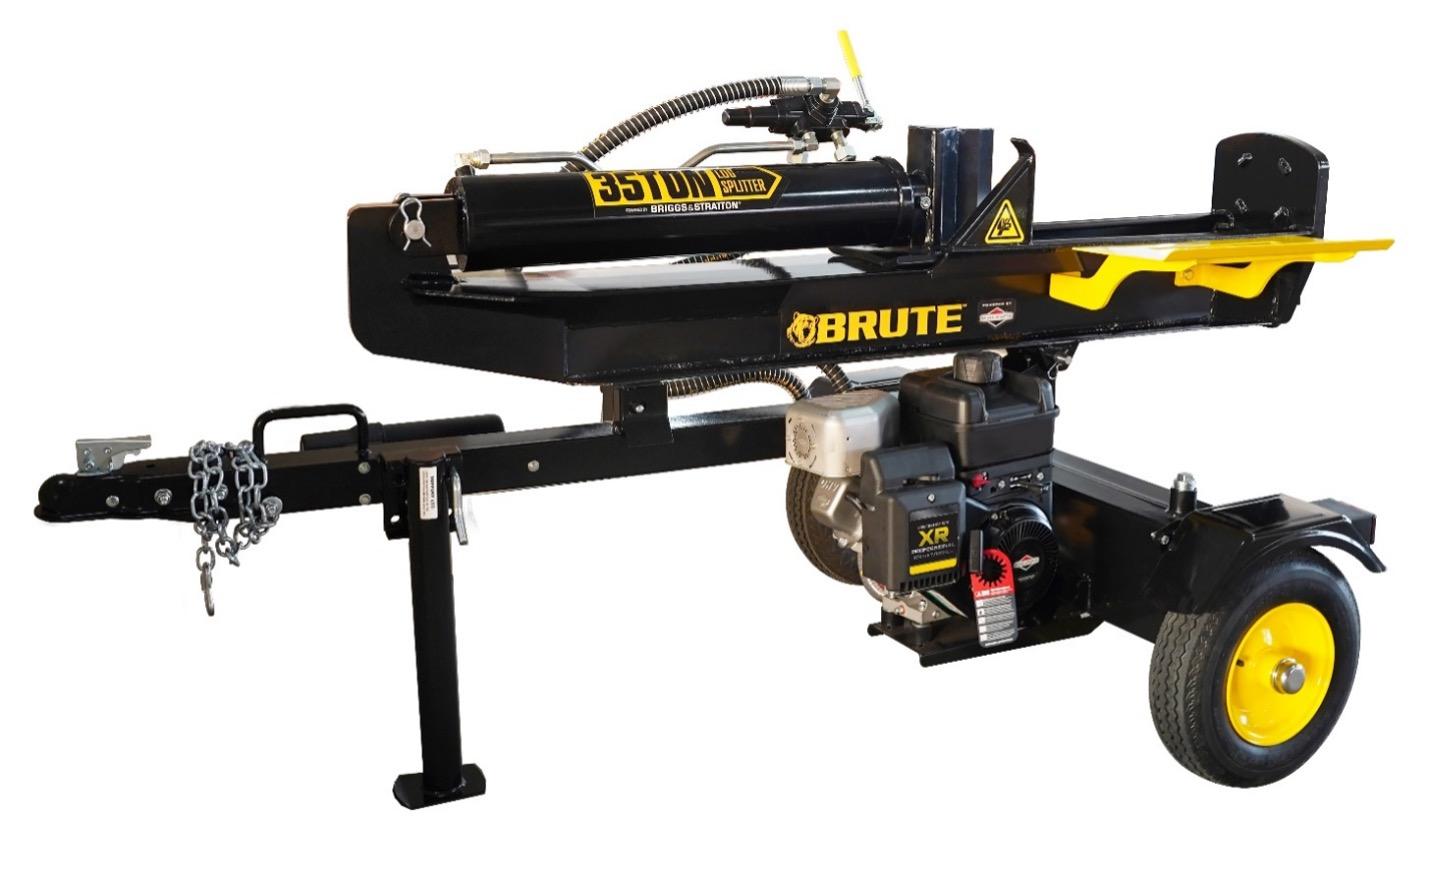 Recalled Brute Log Splitter (model number YTL-140-743 - 35 ton)